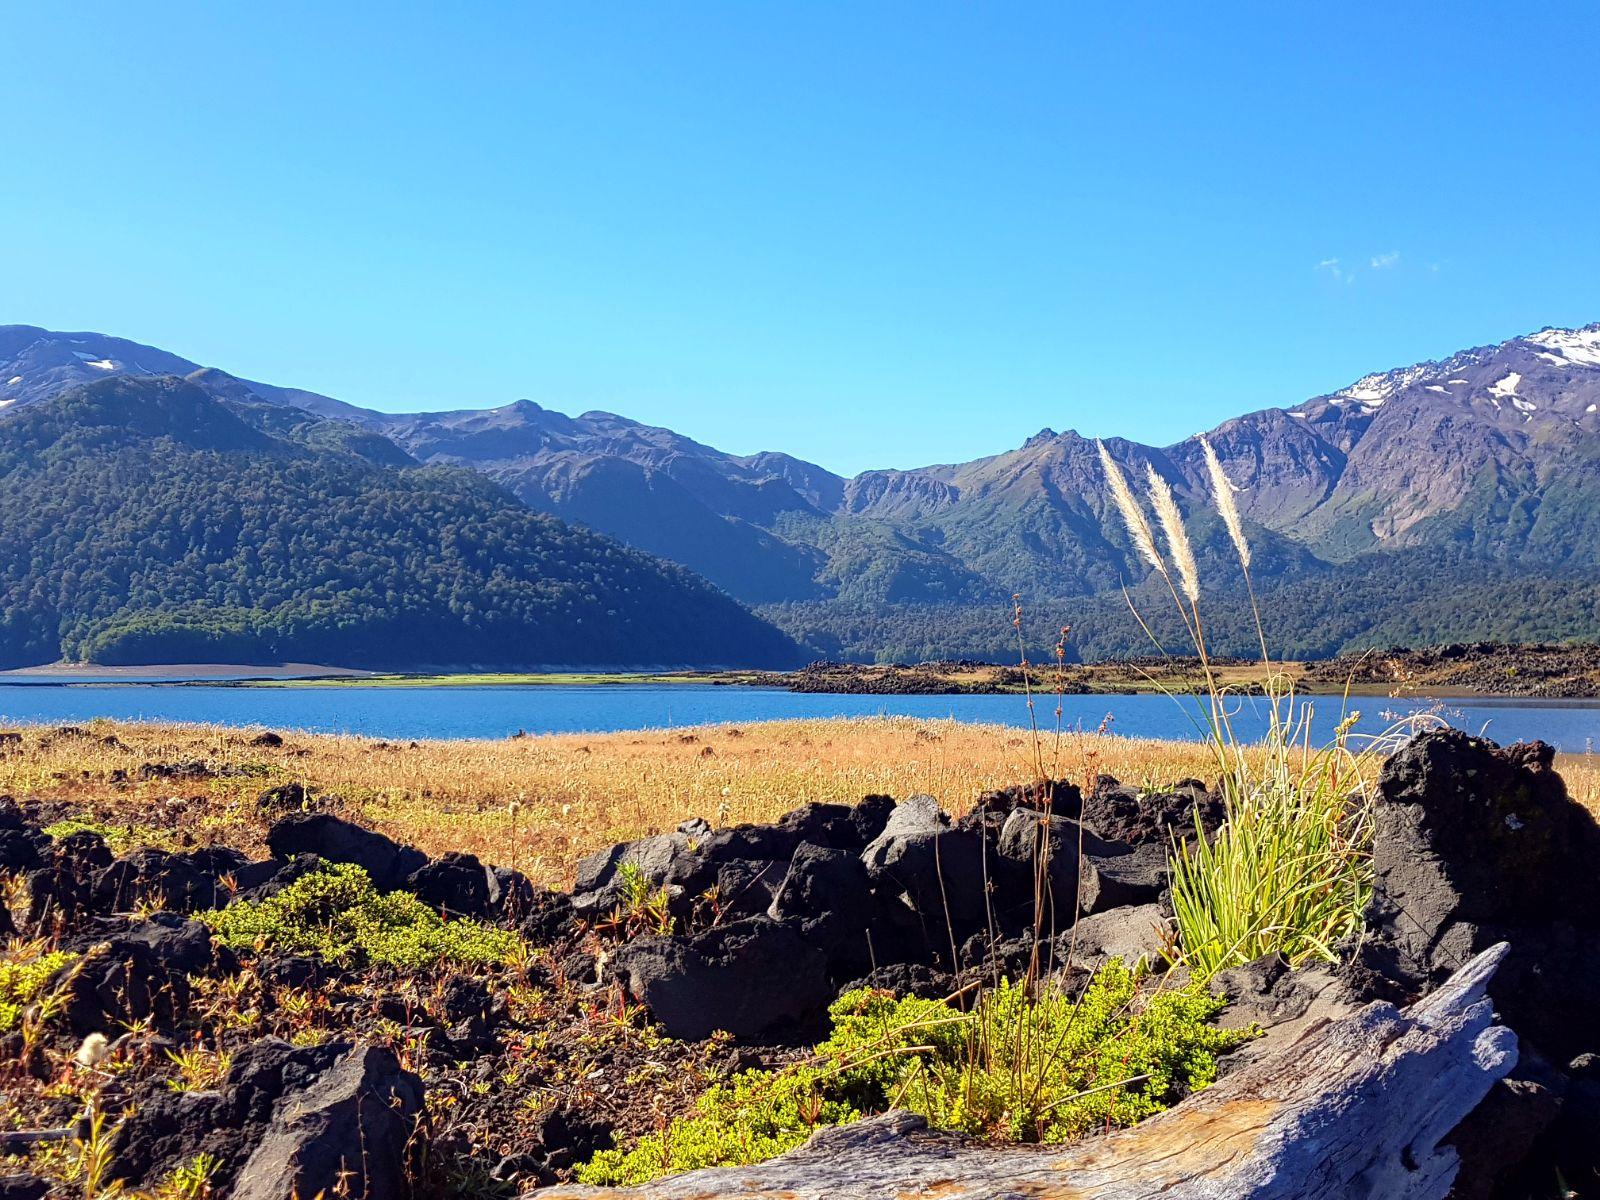 Conguillio National Park, Parque Nacional Conguillio